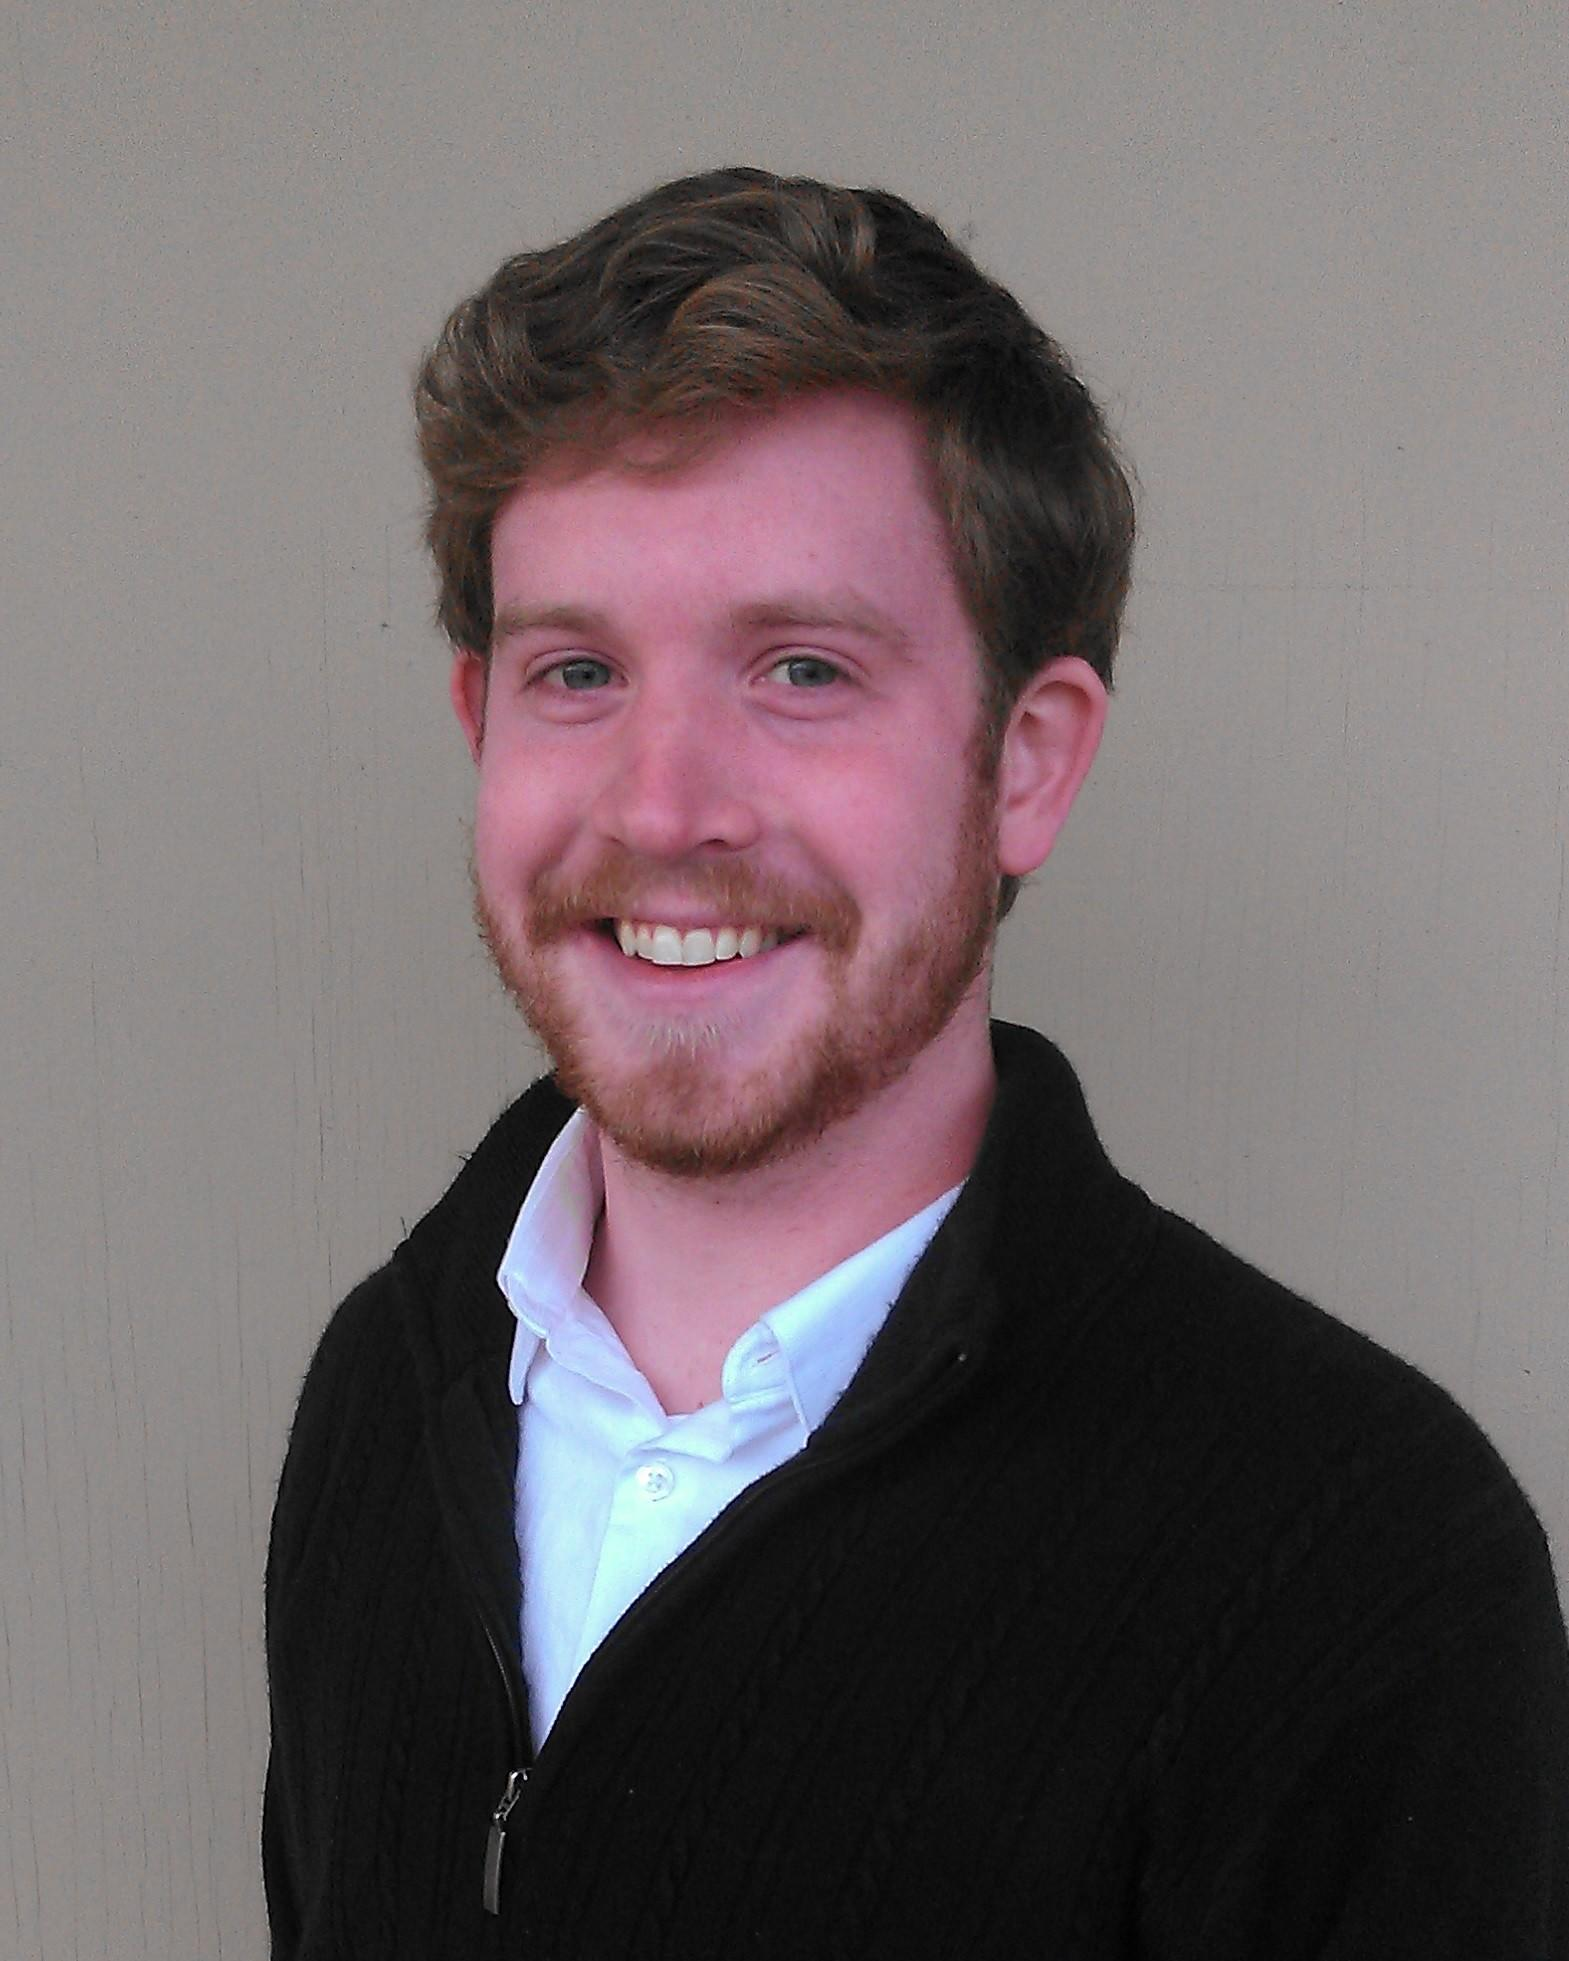 Ryan Kilpatrick, realtor.